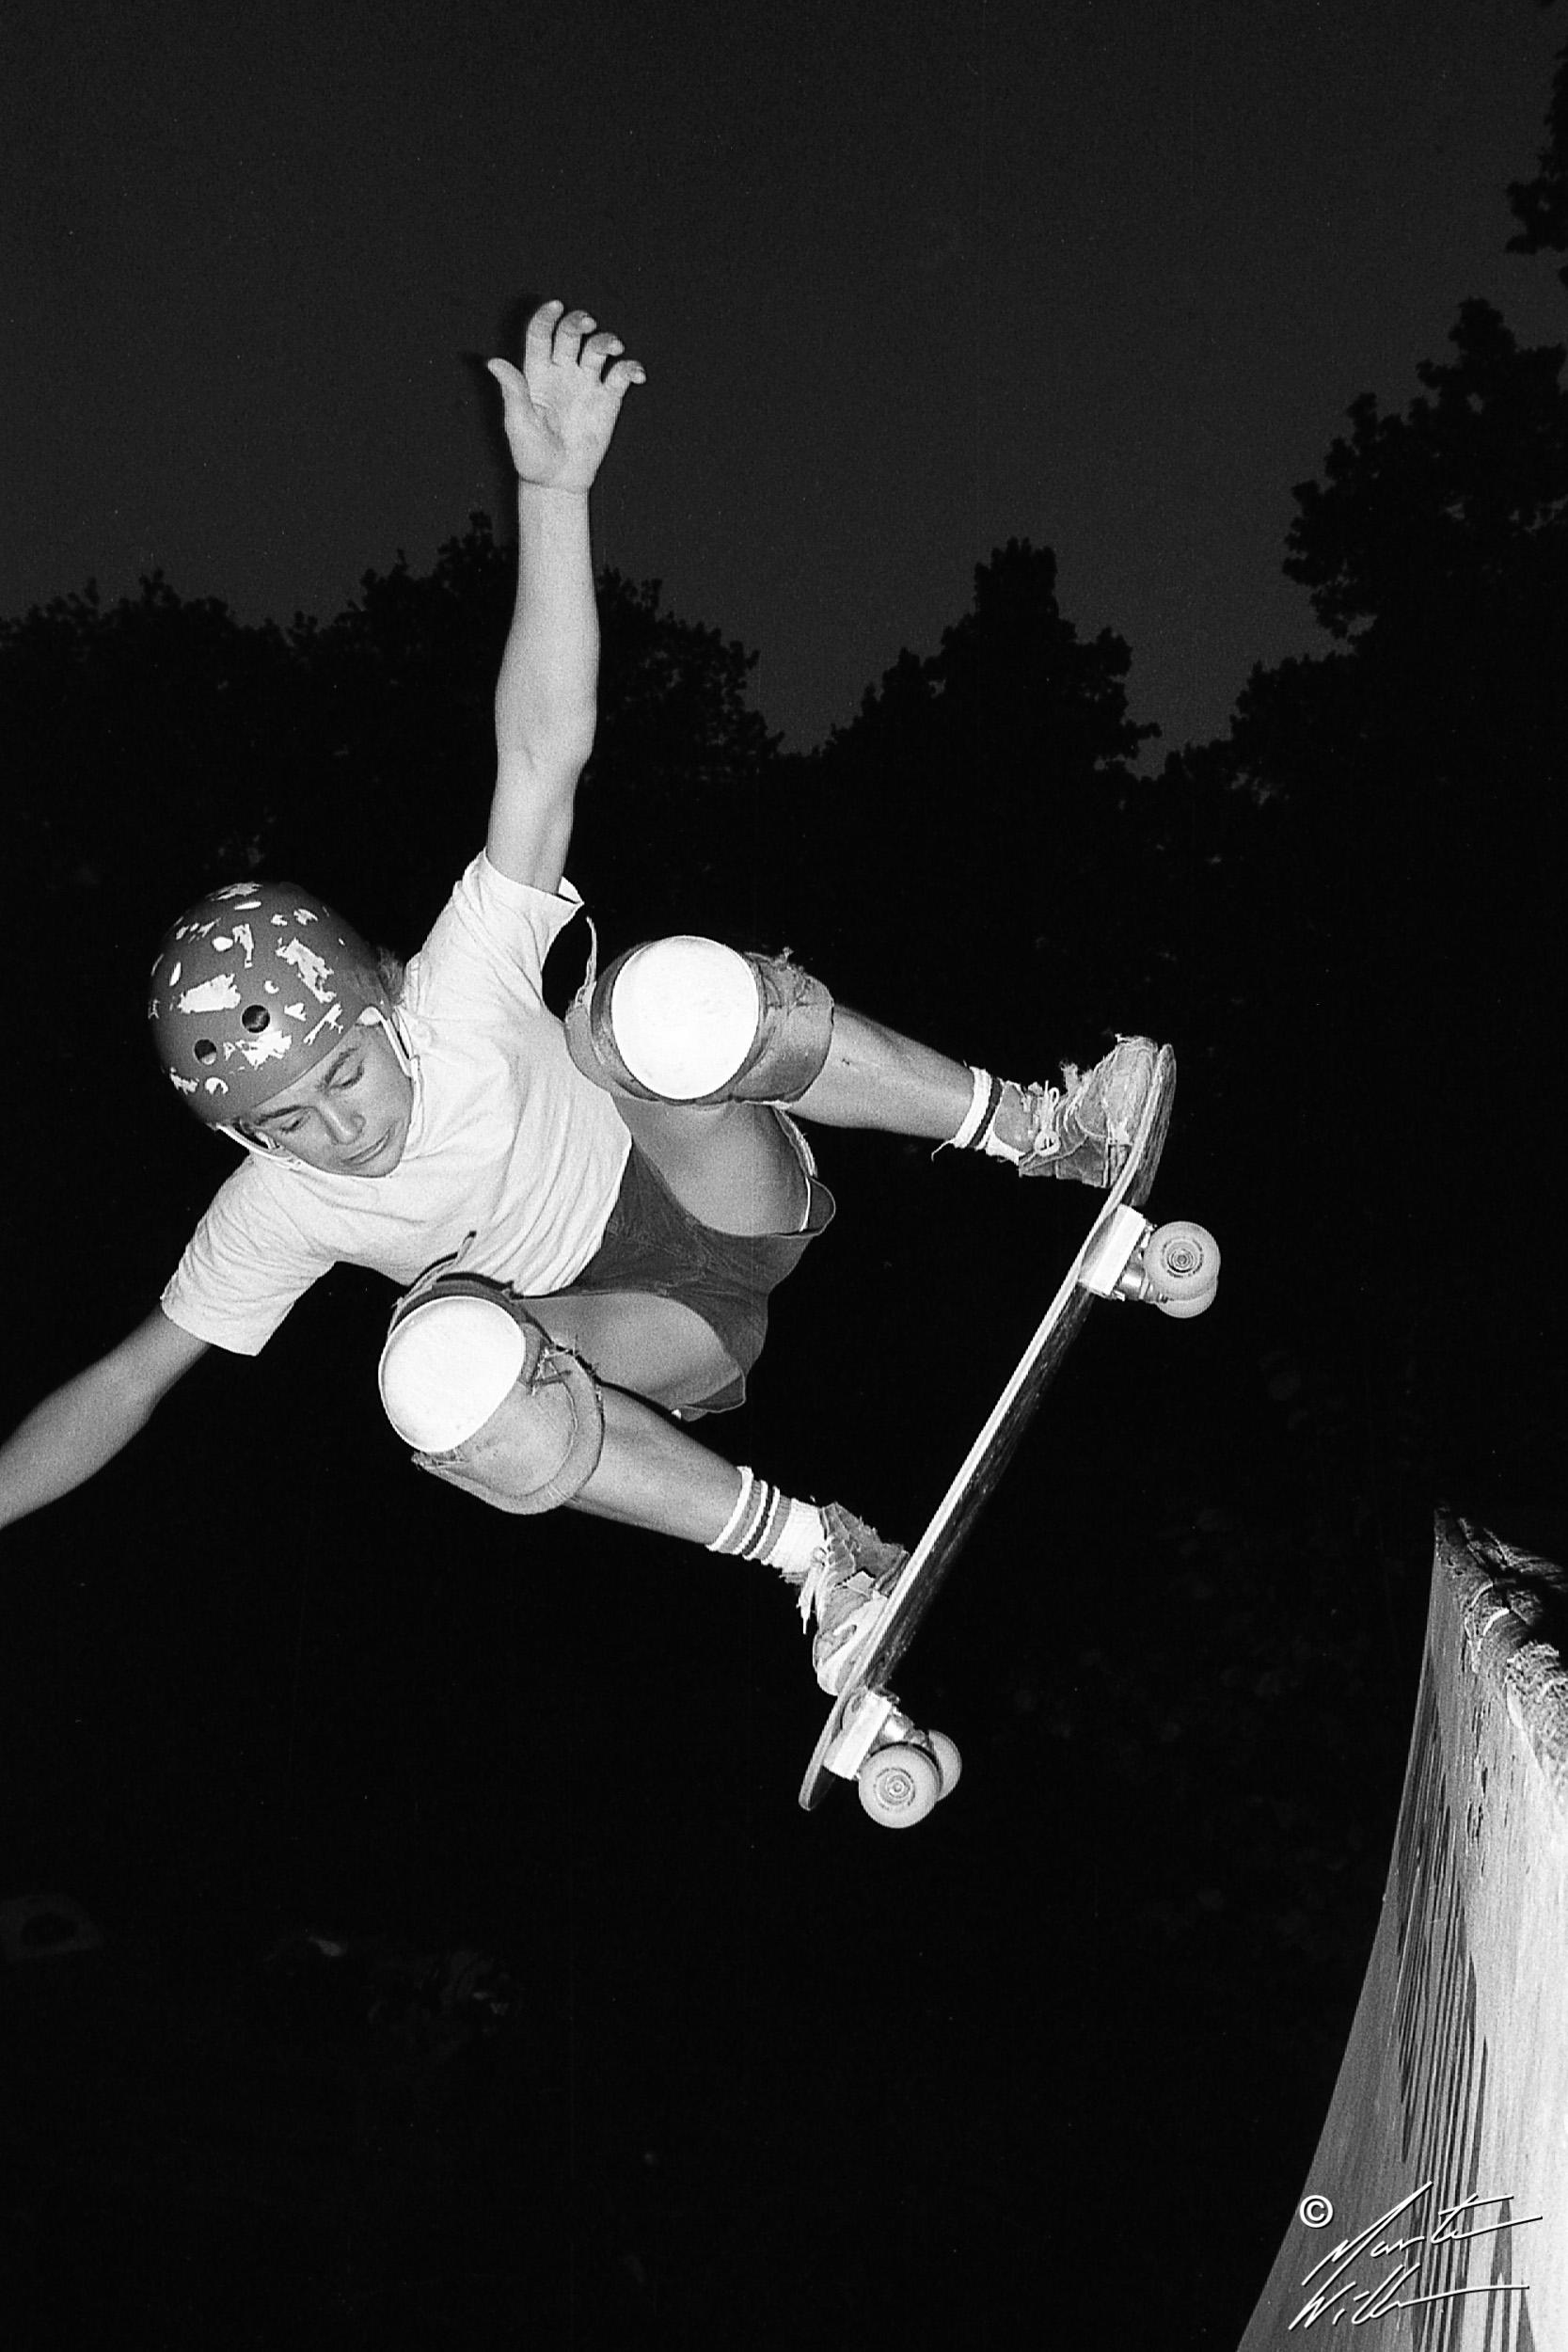 Nicke Hallgren, Fakie ollie,  Huskvarna Folkets park, 1981